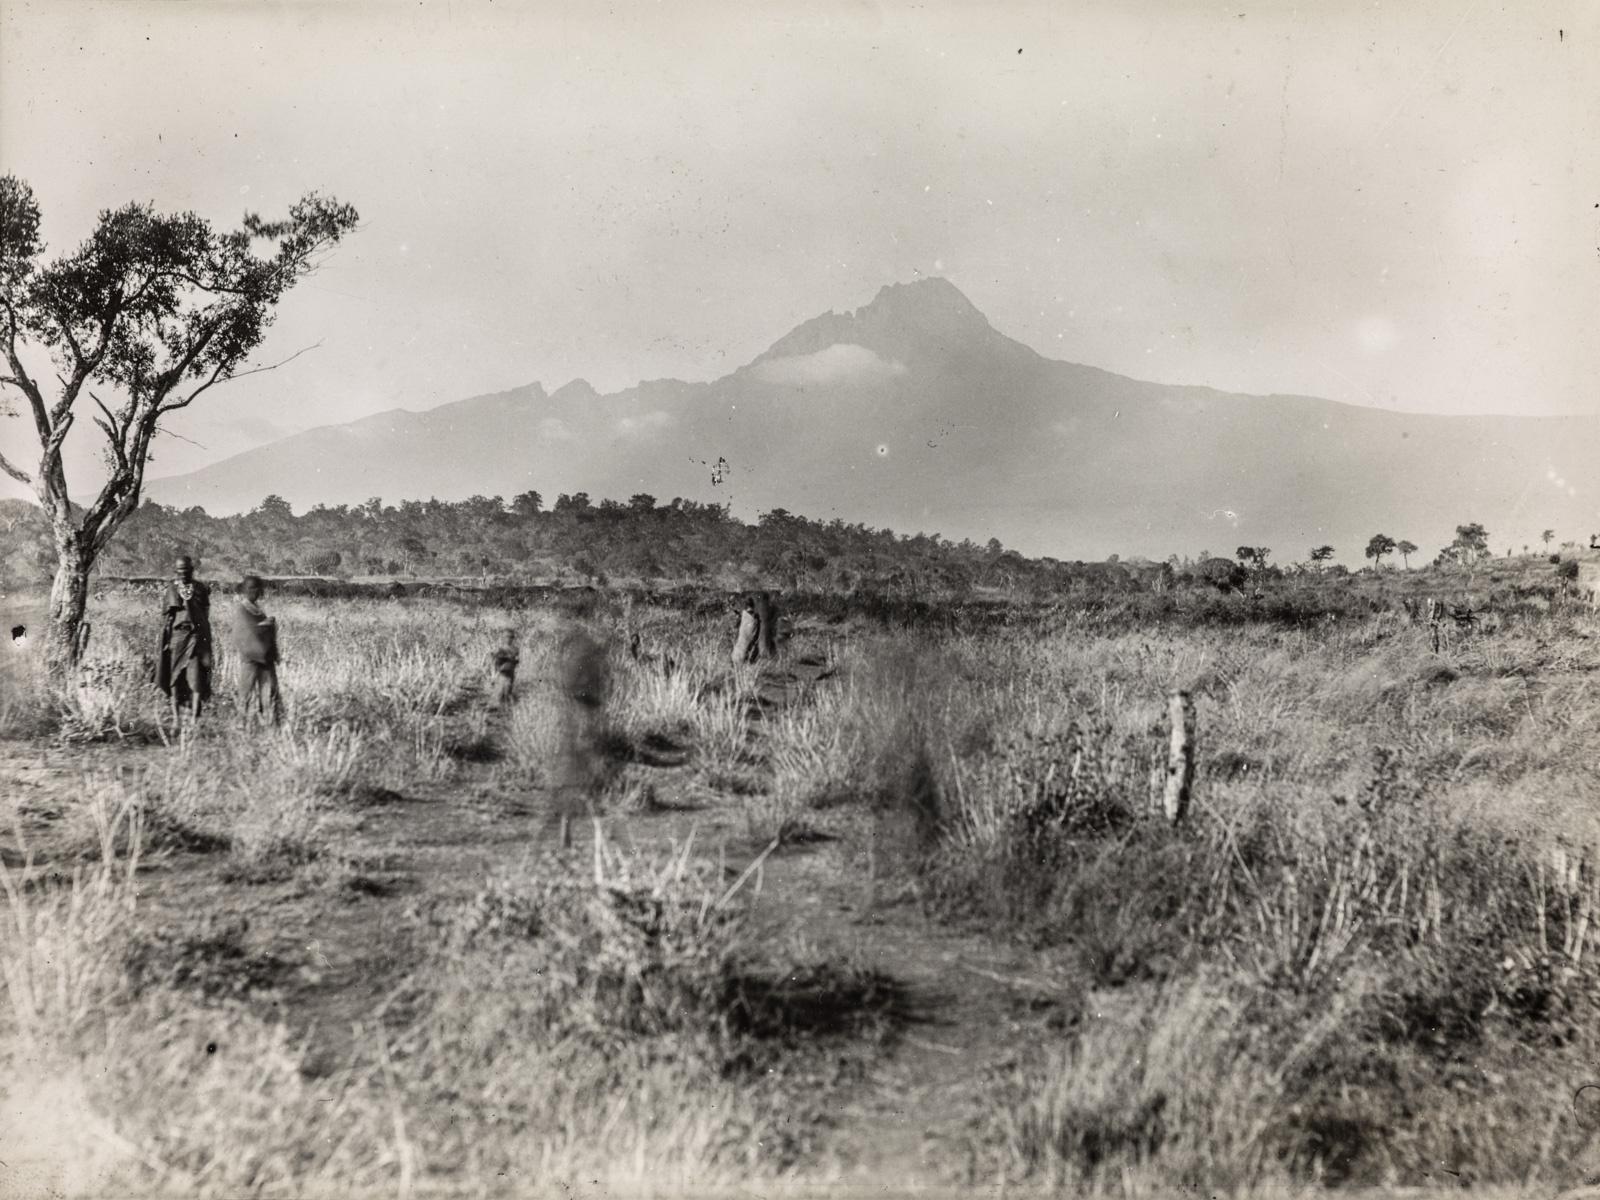 Пейзаж в окрестностях горы Килиманджаро. На заднем плане поднимается Мавензи